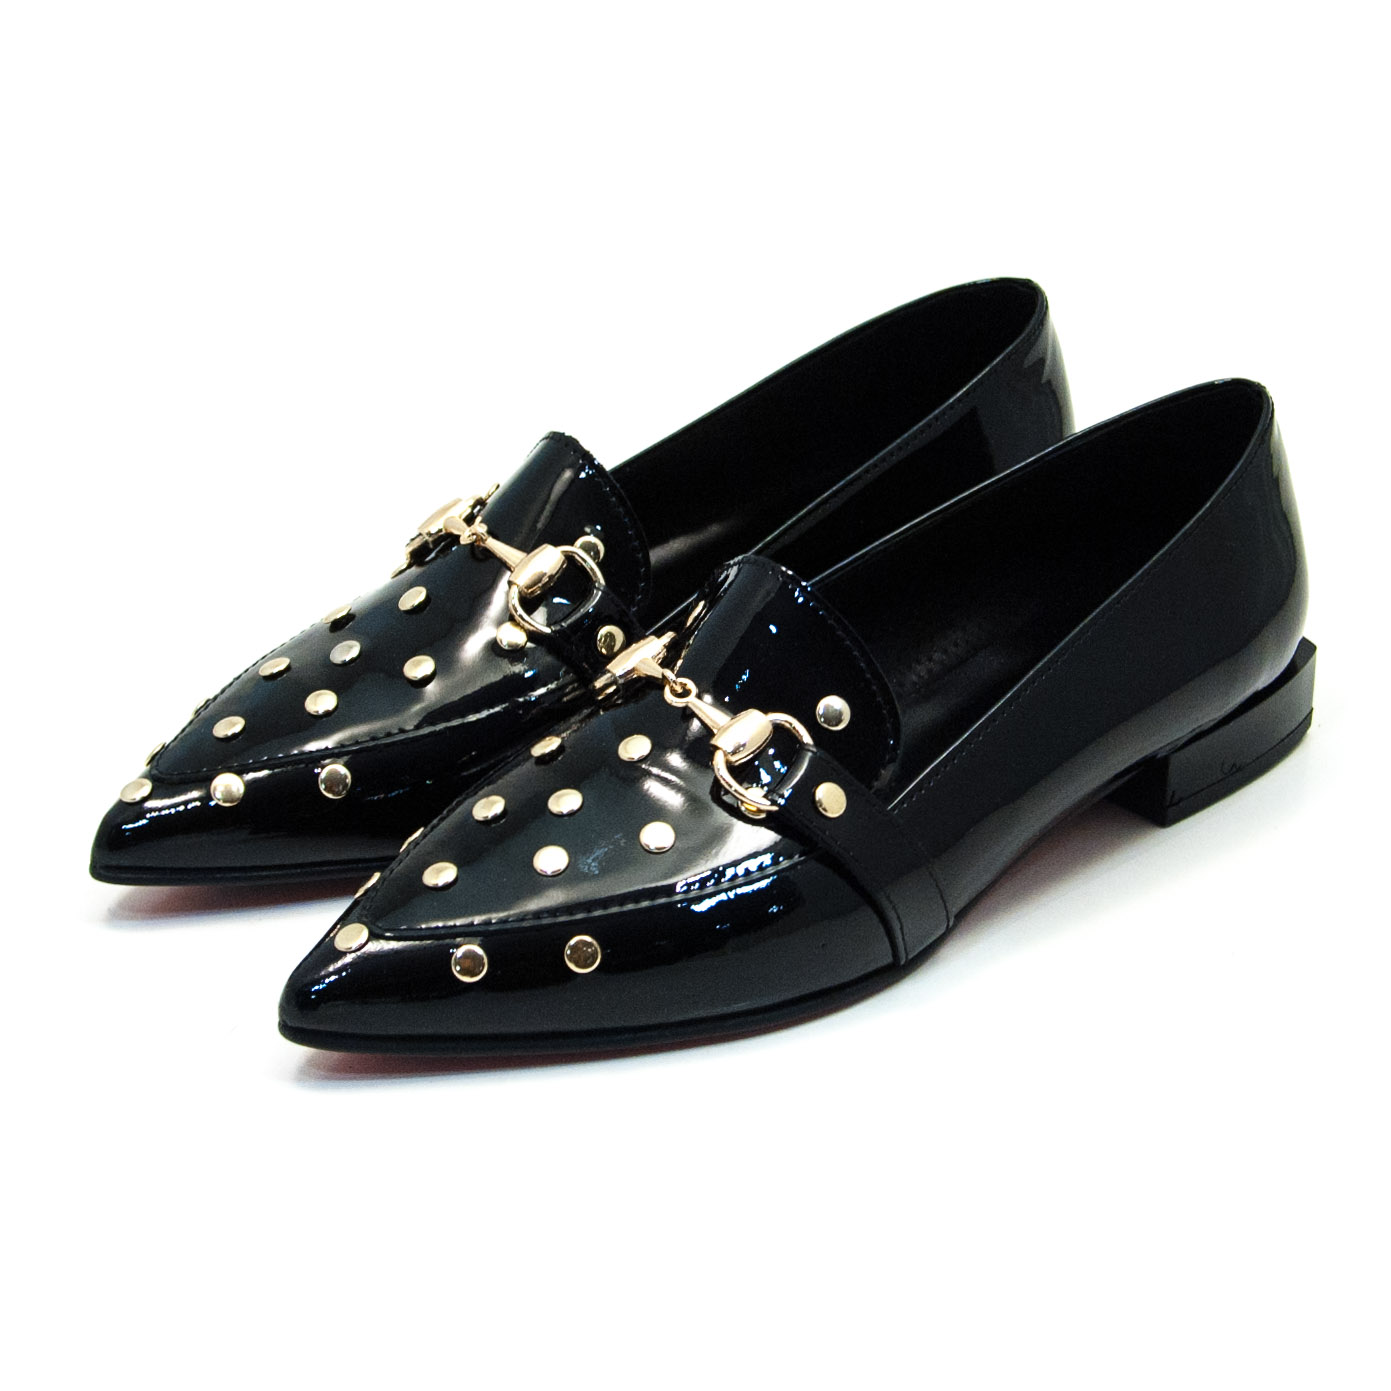 Γυναικείο παπούτσι WALL STREET 15620787